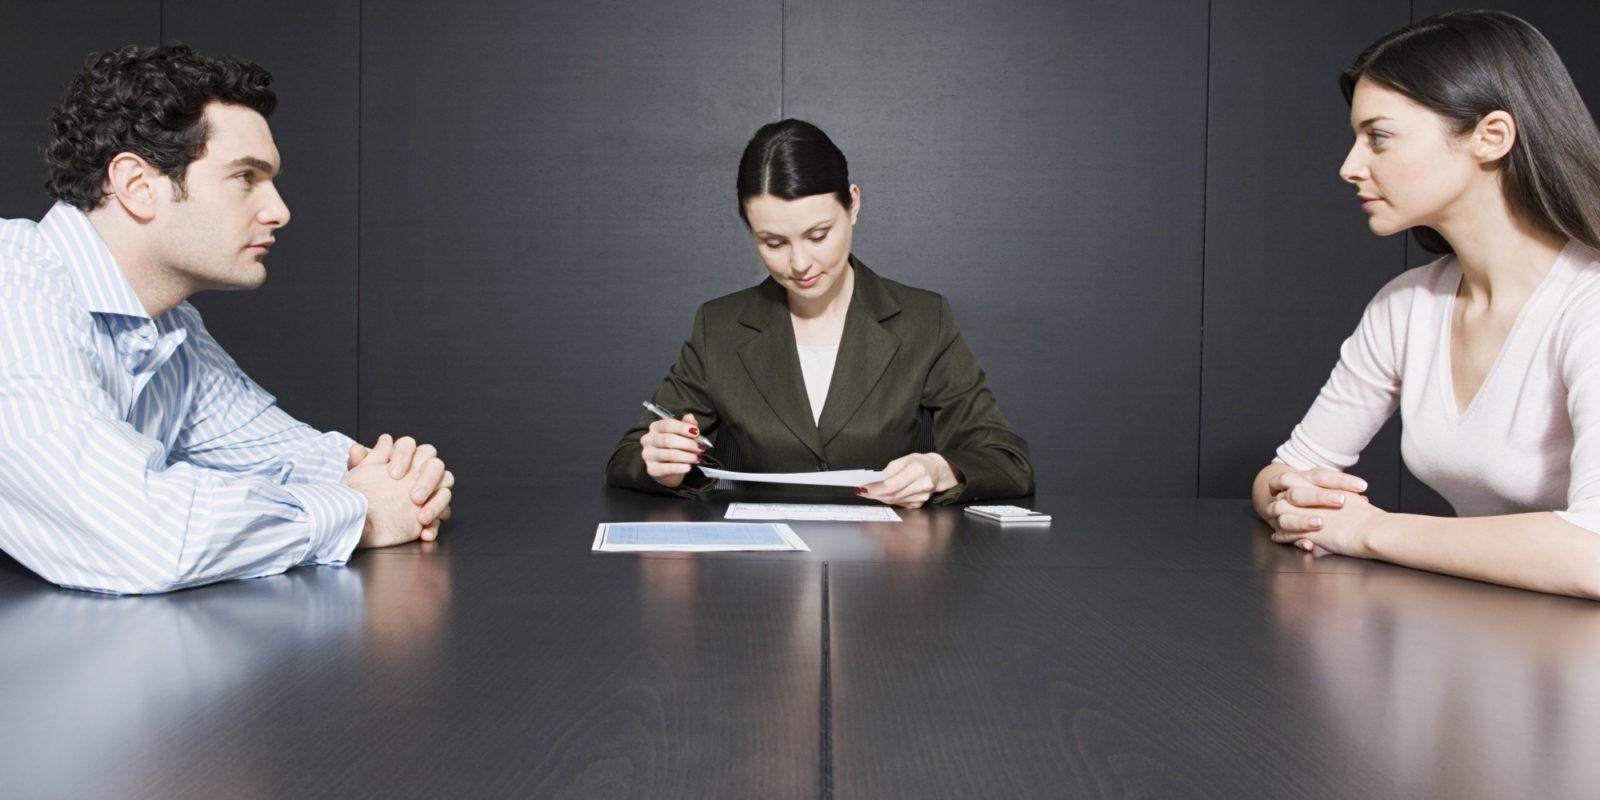 Как подать документы на алименты в браке: советы юриста